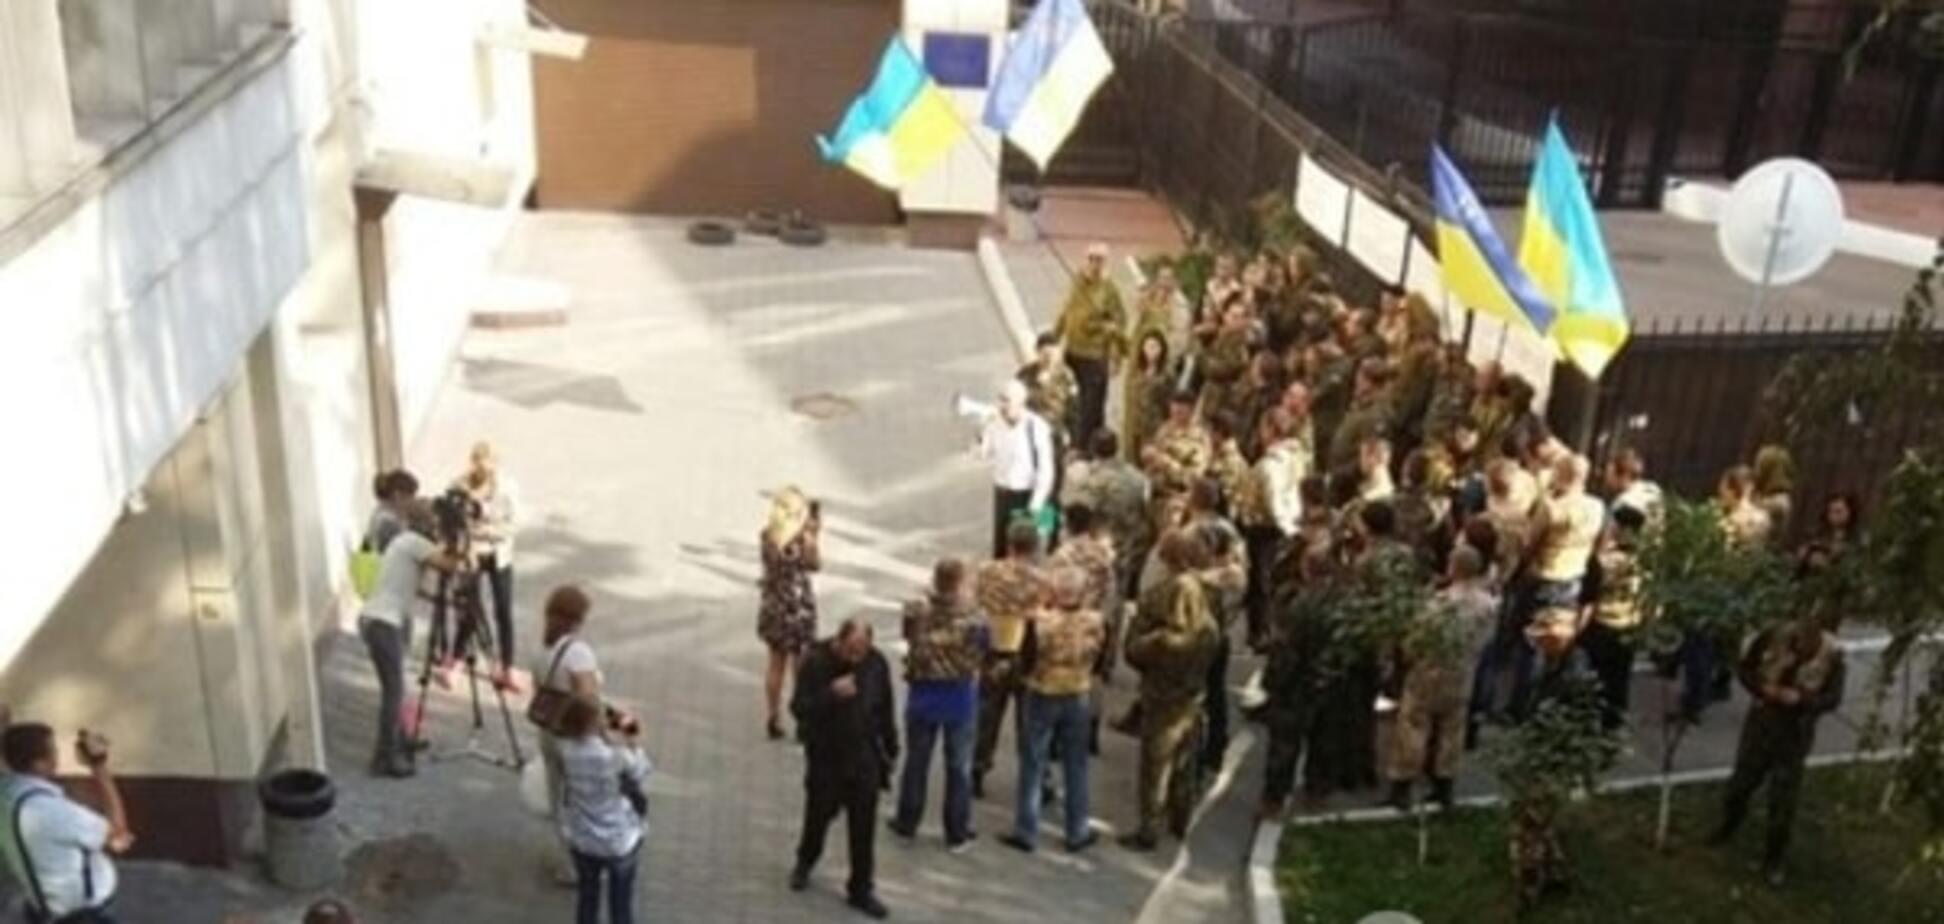 Липові пікетники під виглядом бійців АТО на службі у конвертаційних центрів